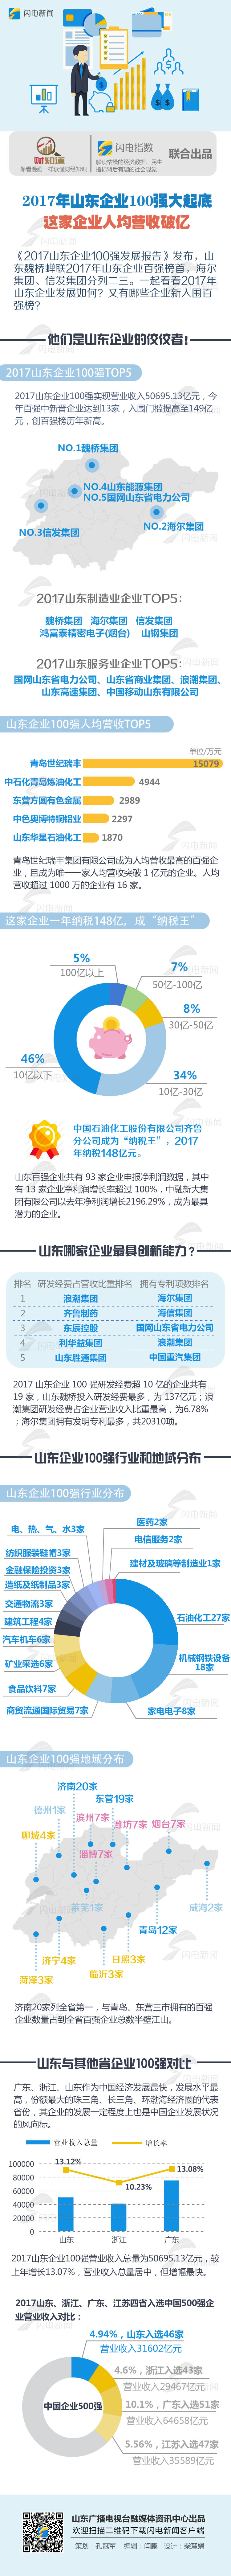 2017山东企业百强大起底 这家企业人均营收破亿